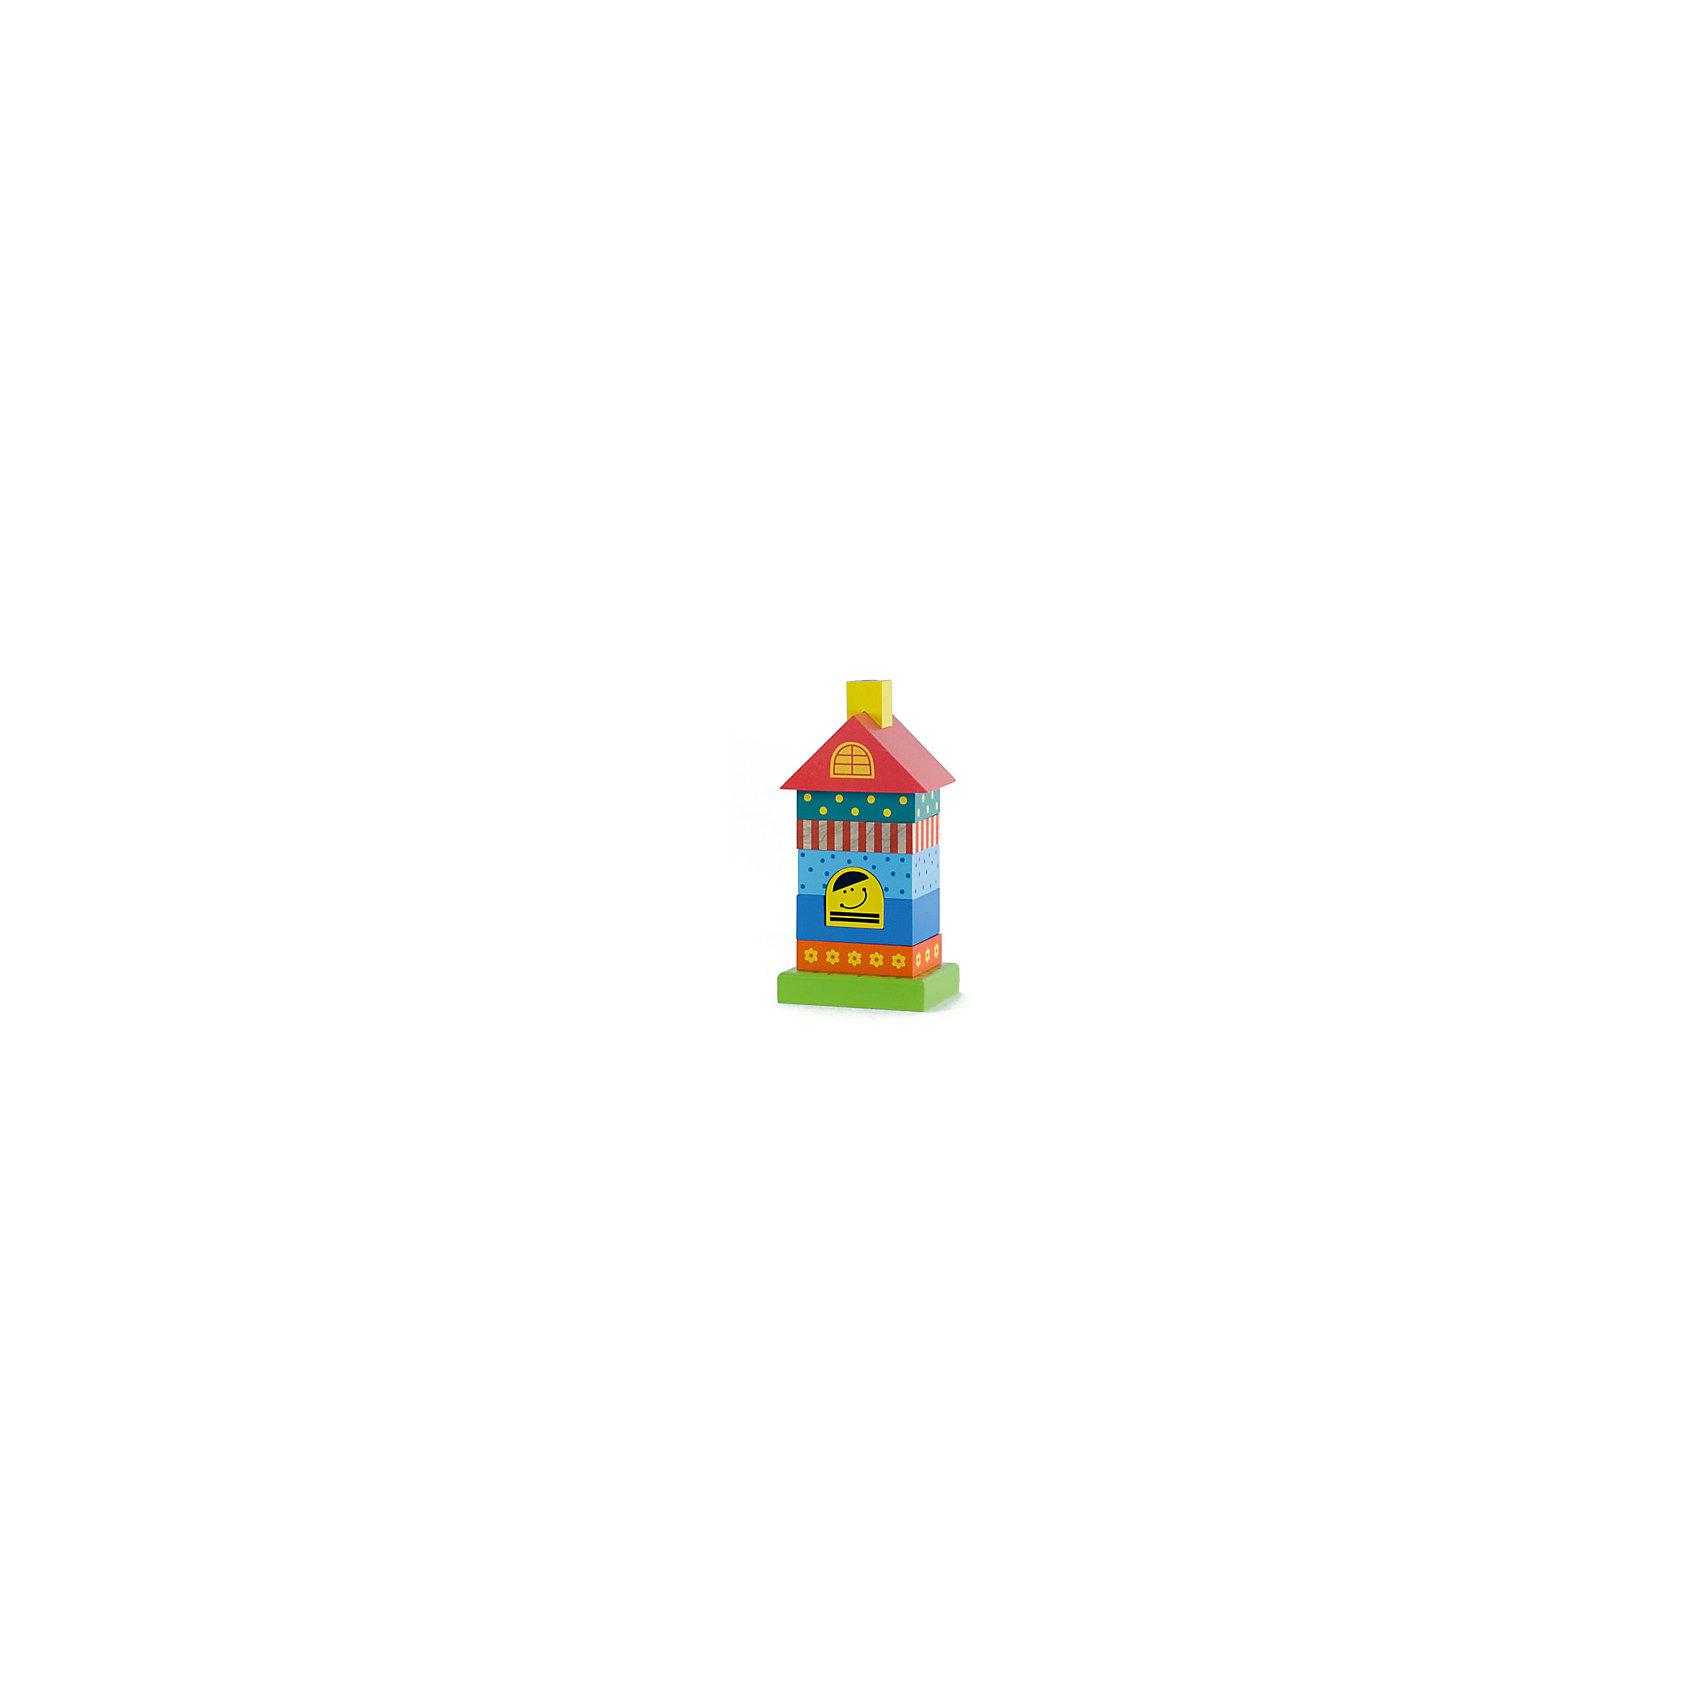 Пирамидка деревянная Домик 8 деталей, AlatoysПирамидки<br>Яркая пирамидка обязательно привлечет внимание малышей. Все ее детали имеют удобную форму и приятны на ощупь. Разбирая и собирая пирамидку, малыш учится узнавать цвета и формы, развивает моторику рук, логическое мышление, концентрацию и внимание. Все элементы игрушки изготовлены из натурального дерева, покрашены безопасными гипоаллергенными красителями. <br><br>Дополнительная информация:<br><br>- Материал: дерево.<br>- Размер: 20 х 10 х 8 см.<br>- 8 деталей.. <br><br>Пирамидку деревянную Домик 8 деталей, Alatoys (Алатойс), можно купить в нашем магазине.<br><br>Ширина мм: 205<br>Глубина мм: 100<br>Высота мм: 80<br>Вес г: 619<br>Возраст от месяцев: 12<br>Возраст до месяцев: 48<br>Пол: Унисекс<br>Возраст: Детский<br>SKU: 4415361